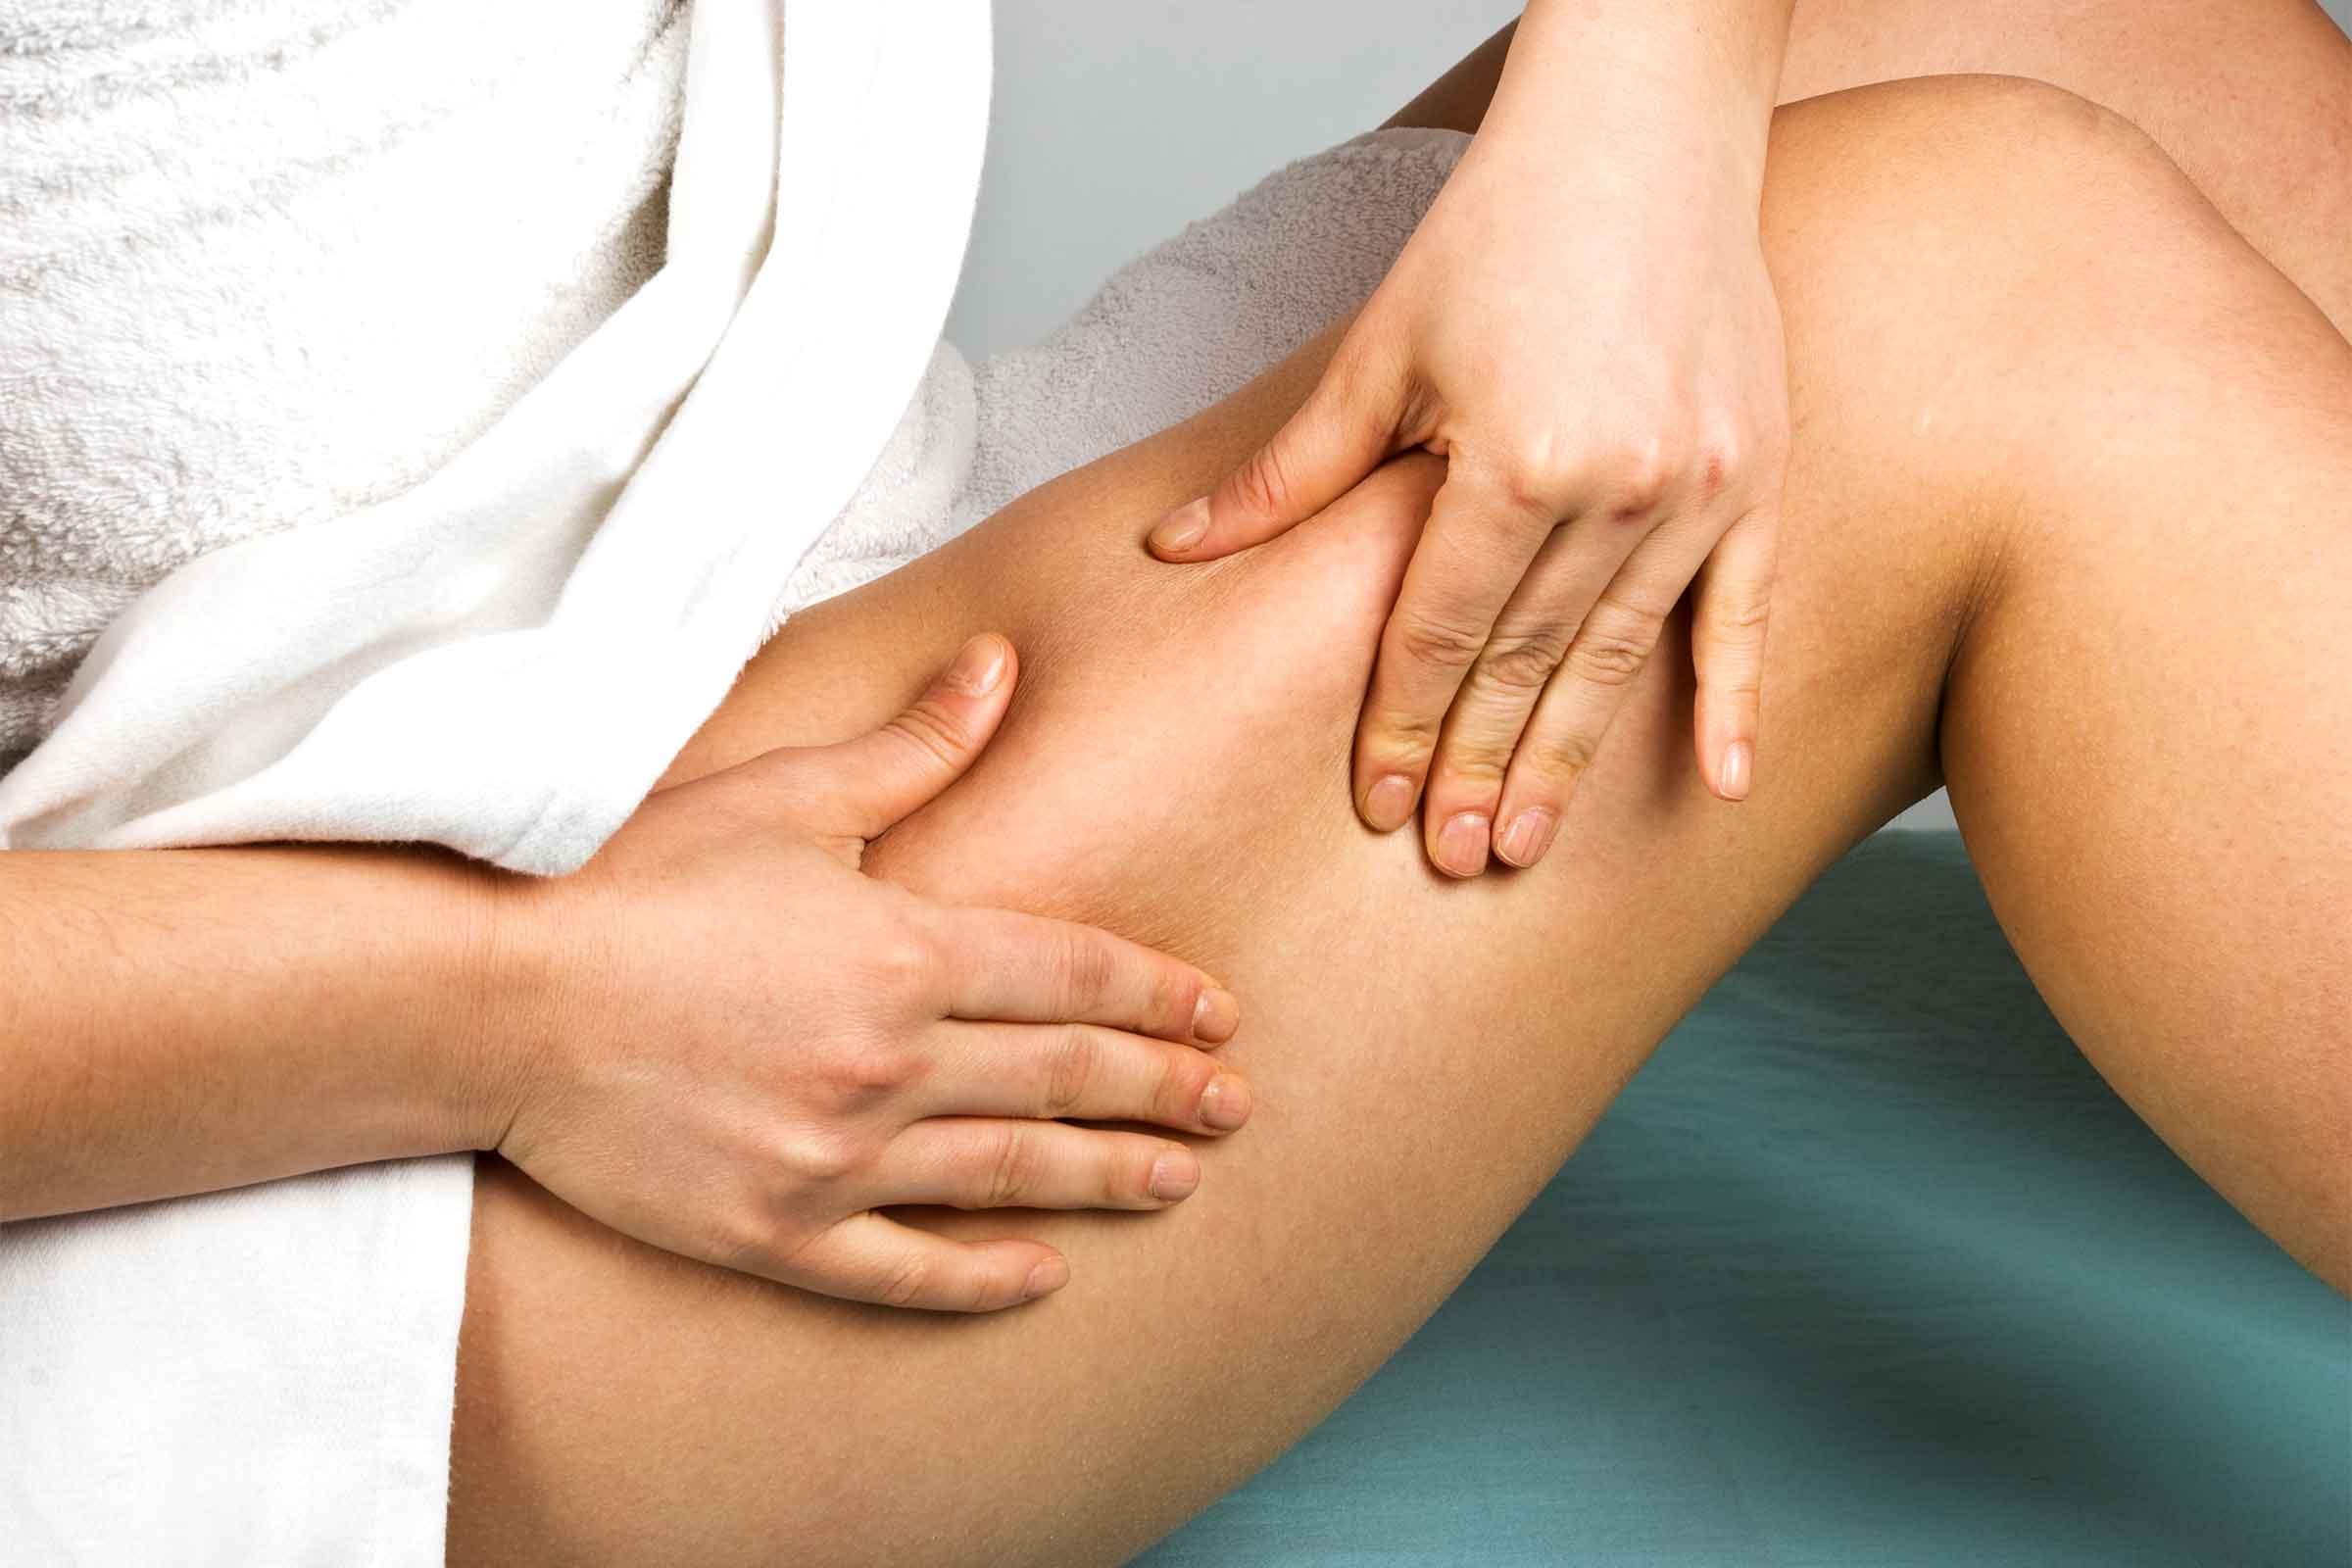 Celulit, nakopičena podkožna maščoba